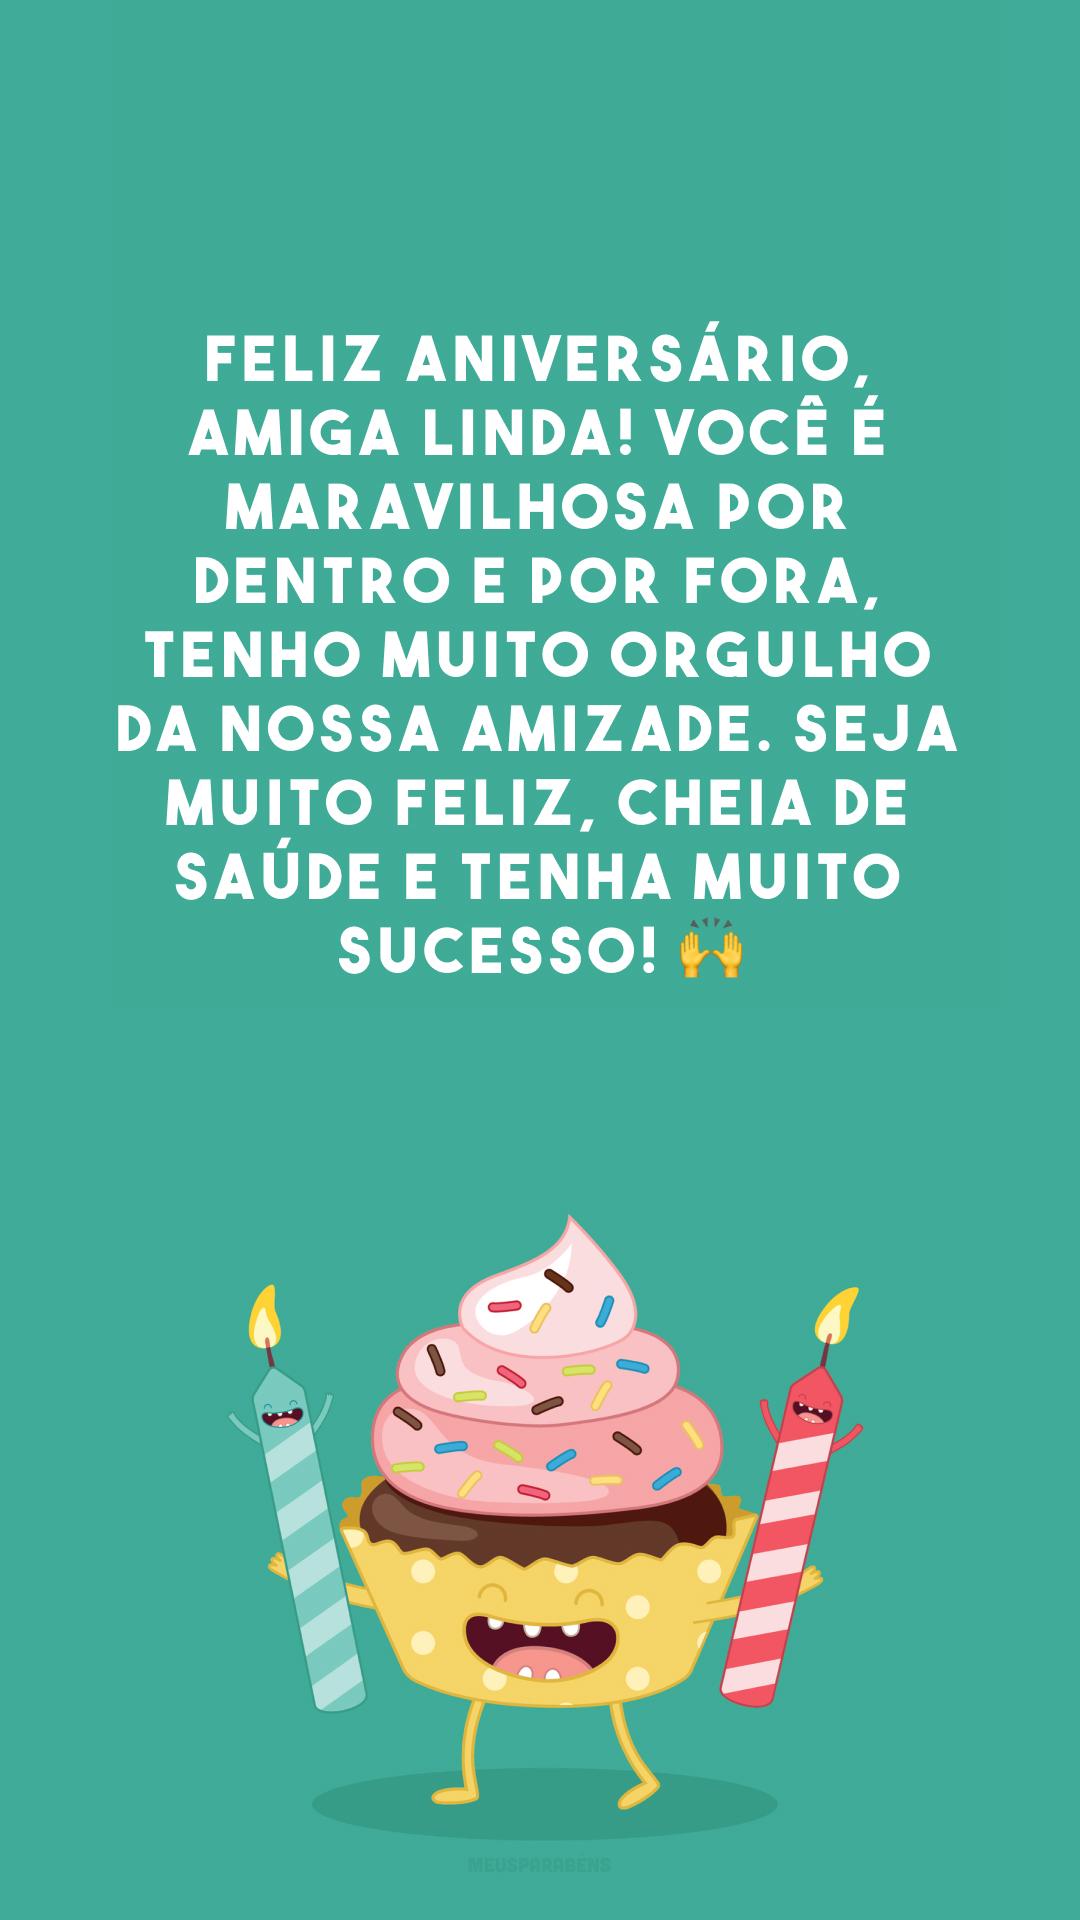 Feliz aniversário, amiga linda! Você é maravilhosa por dentro e por fora, tenho muito orgulho da nossa amizade. Seja muito feliz, cheia de saúde e tenha muito sucesso! 🙌